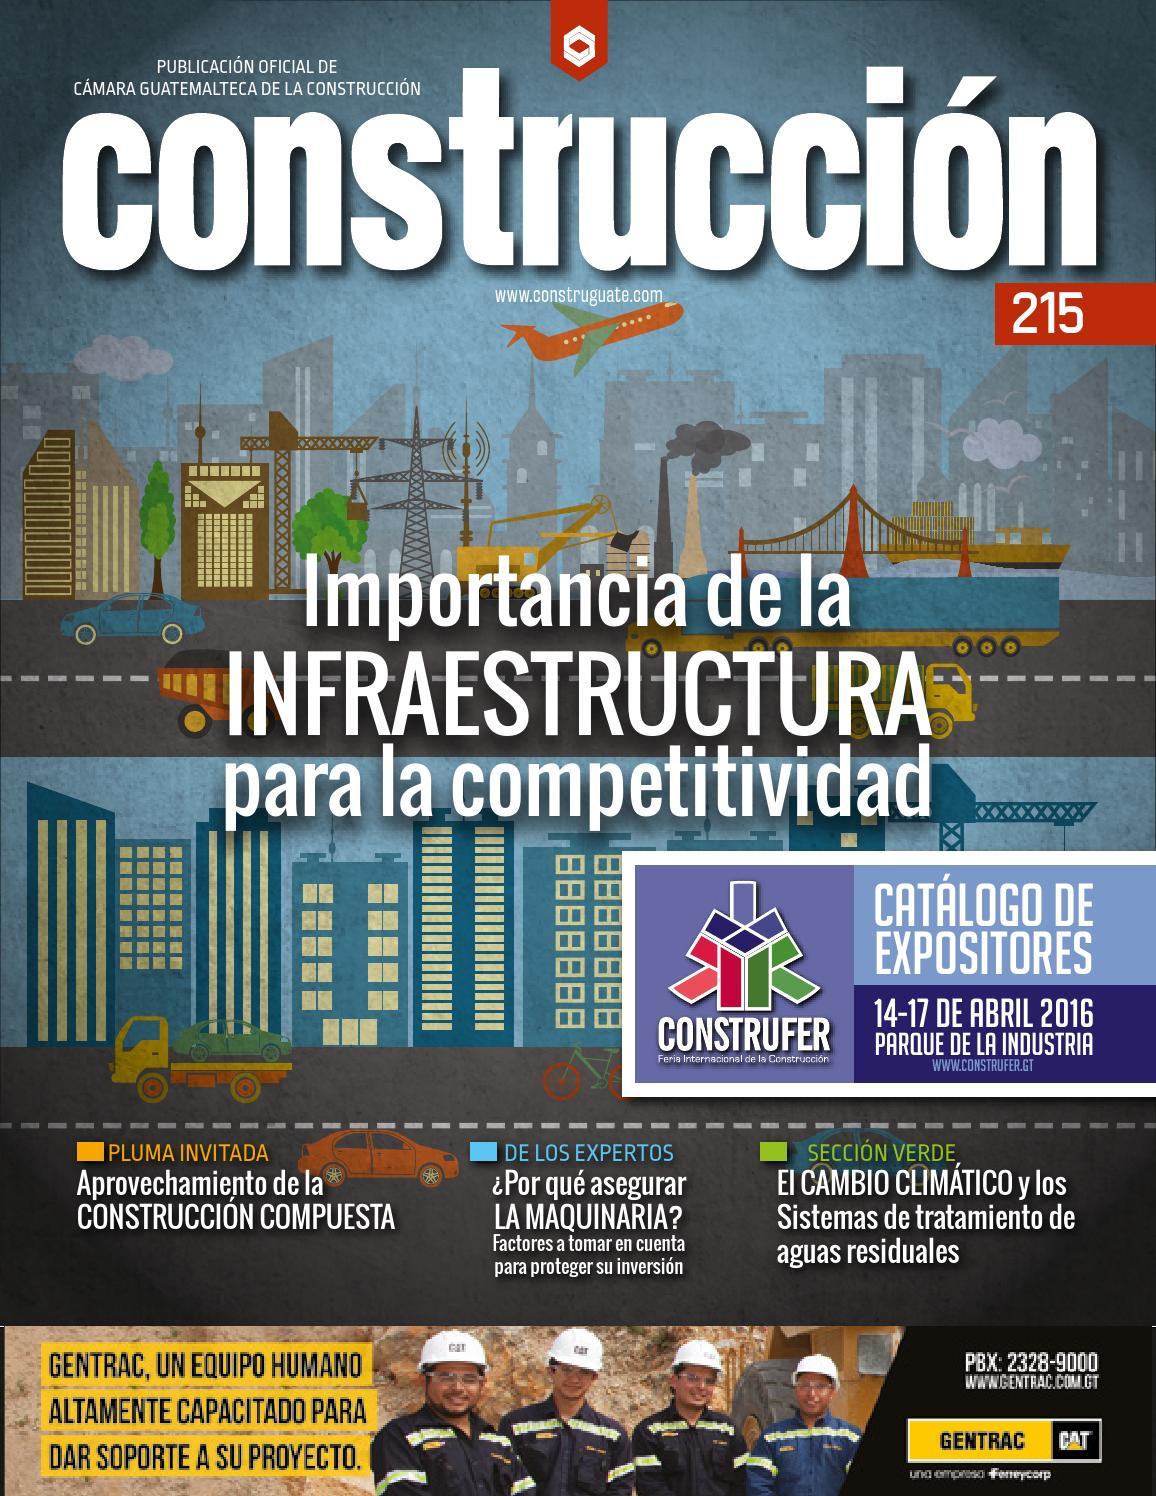 Revista construcci n 215 by c mara guatemalteca de la - Empresas de construccion en madrid ...